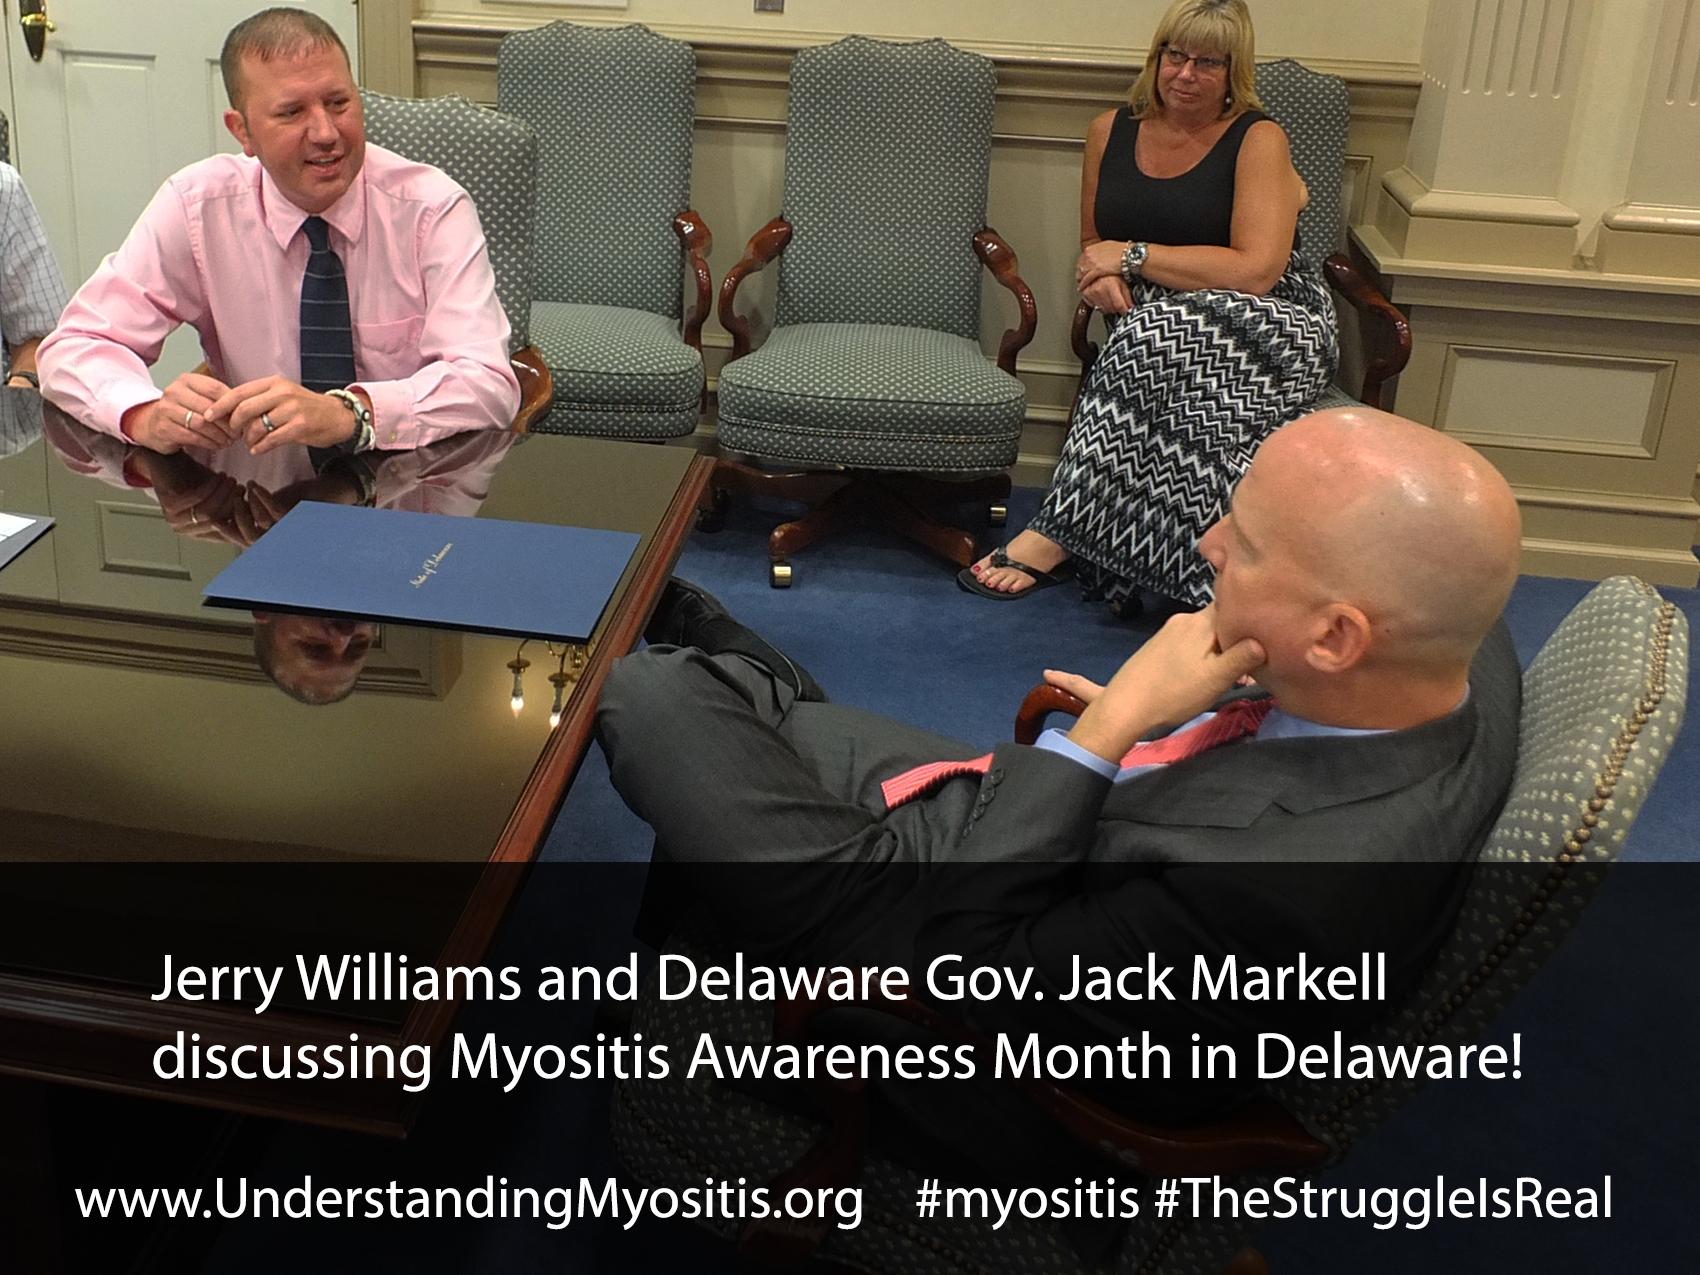 Delaware declares September 2015 Myositis Awareness Month